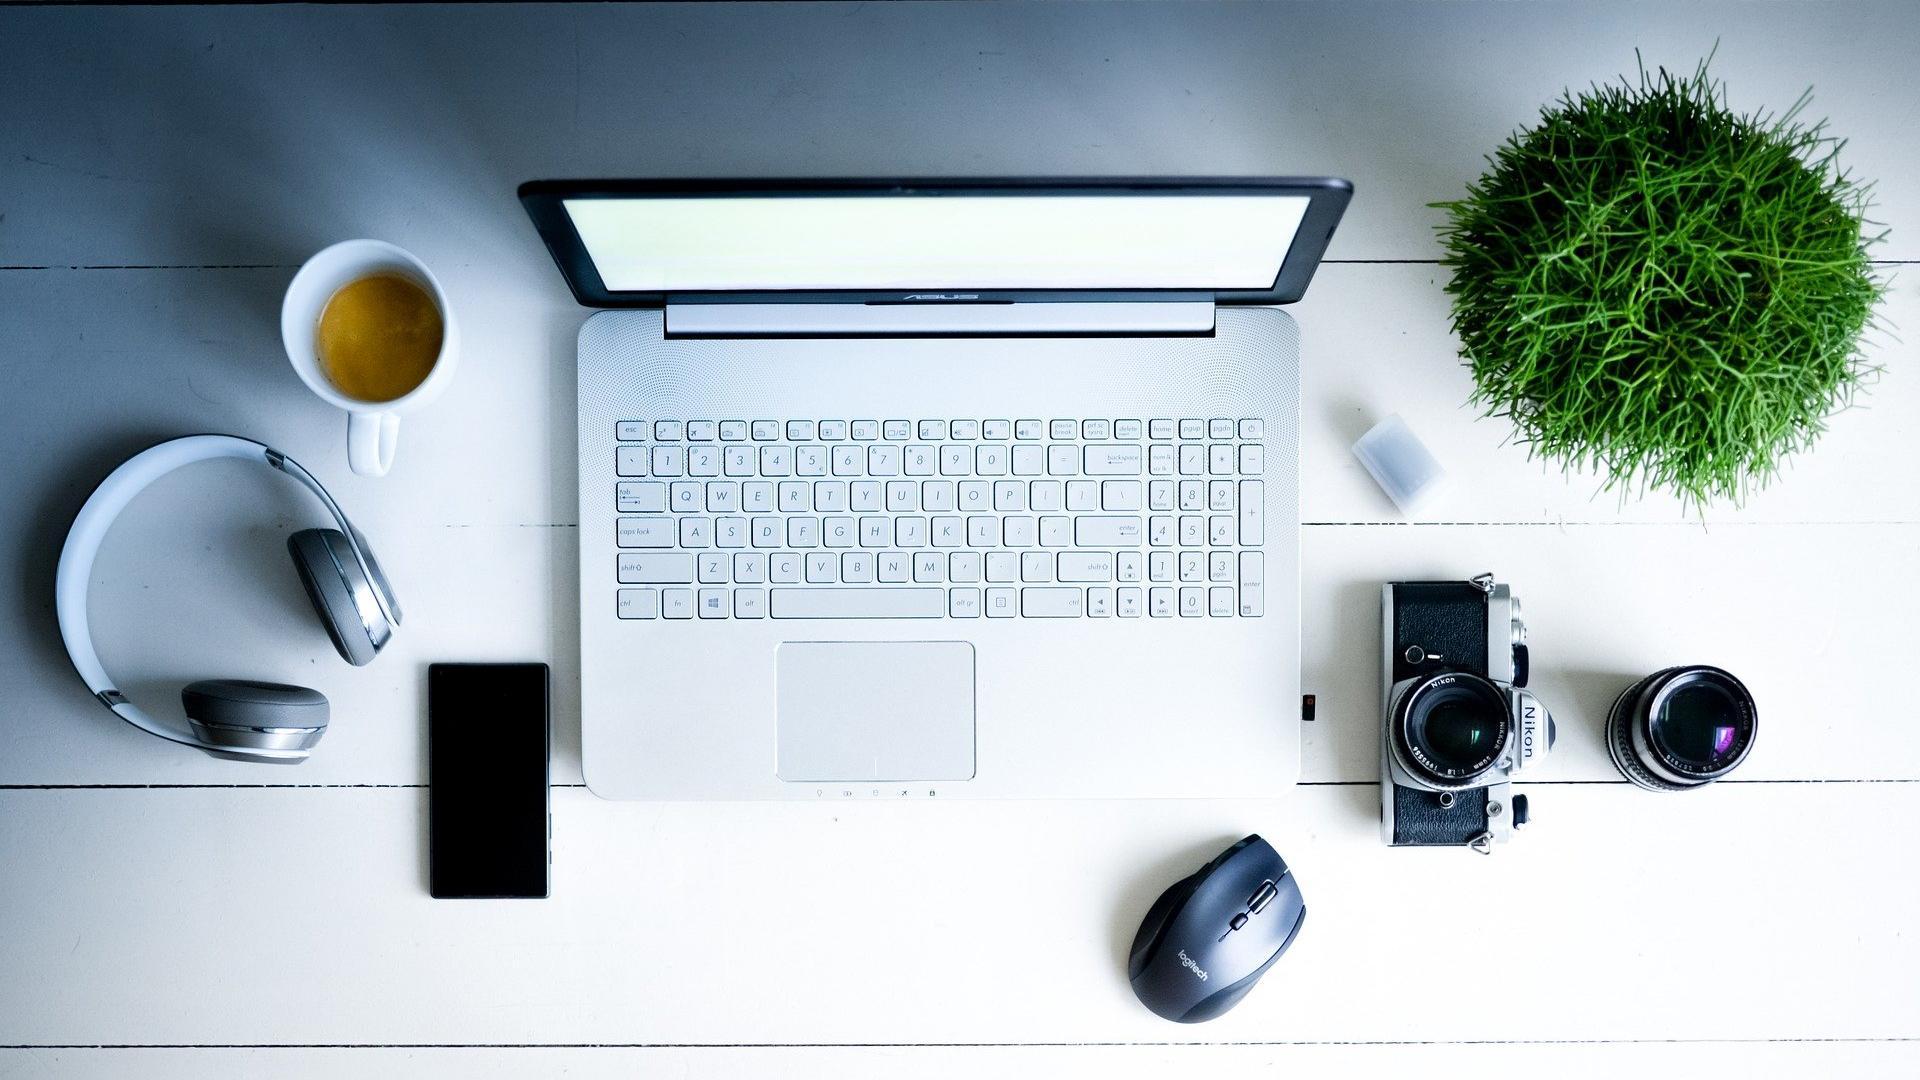 Stressbewältigung am Arbeitsplatz: 7 Tipps und Übungen